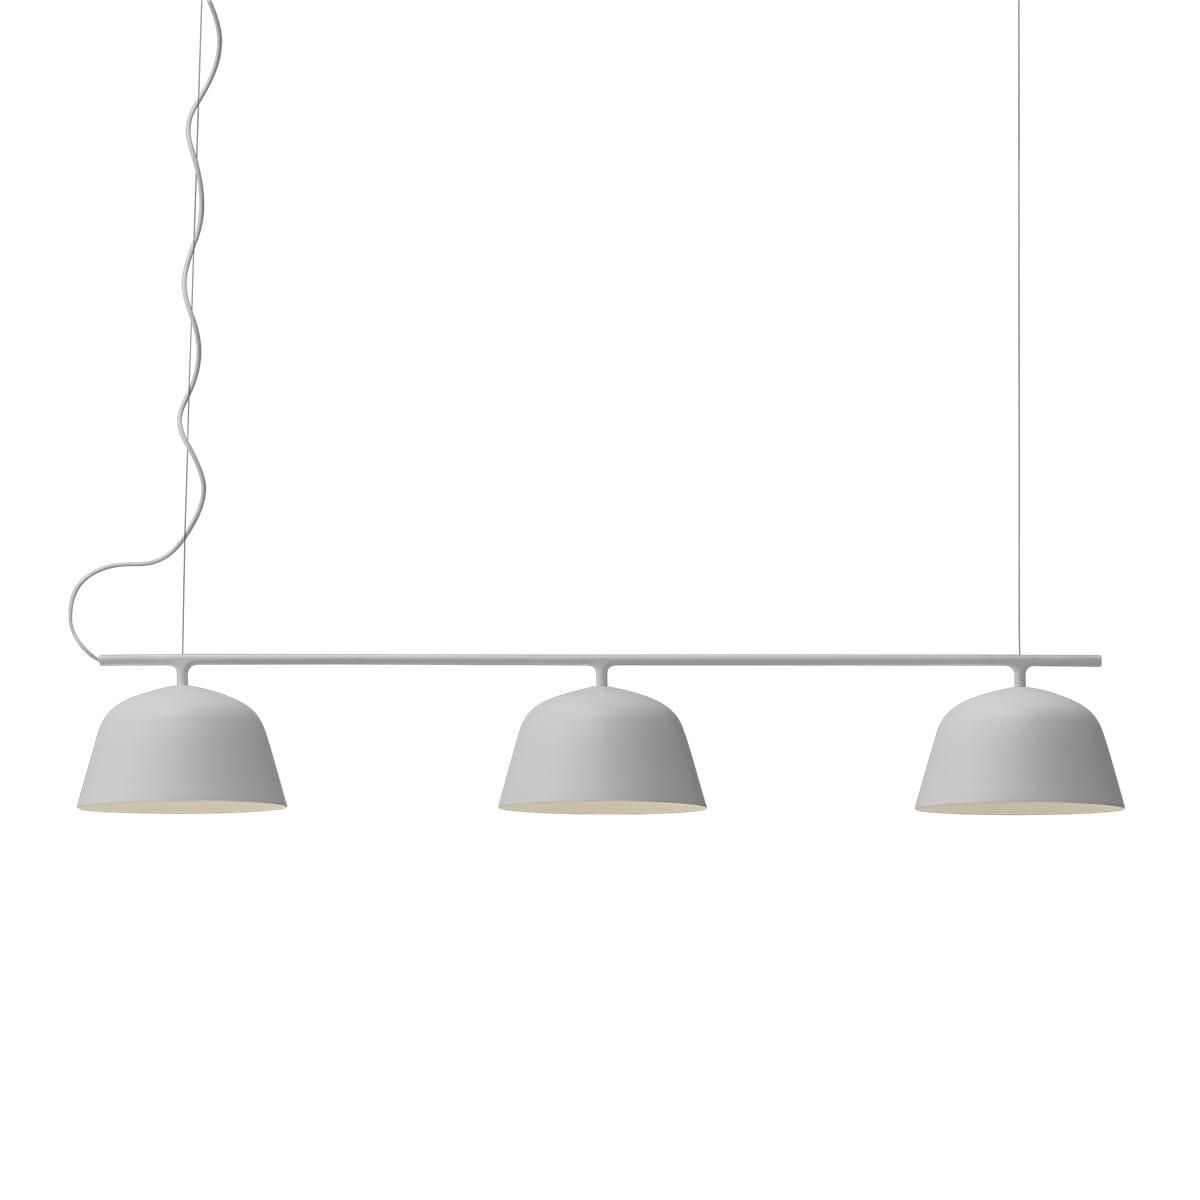 Lighting Archives - GIR